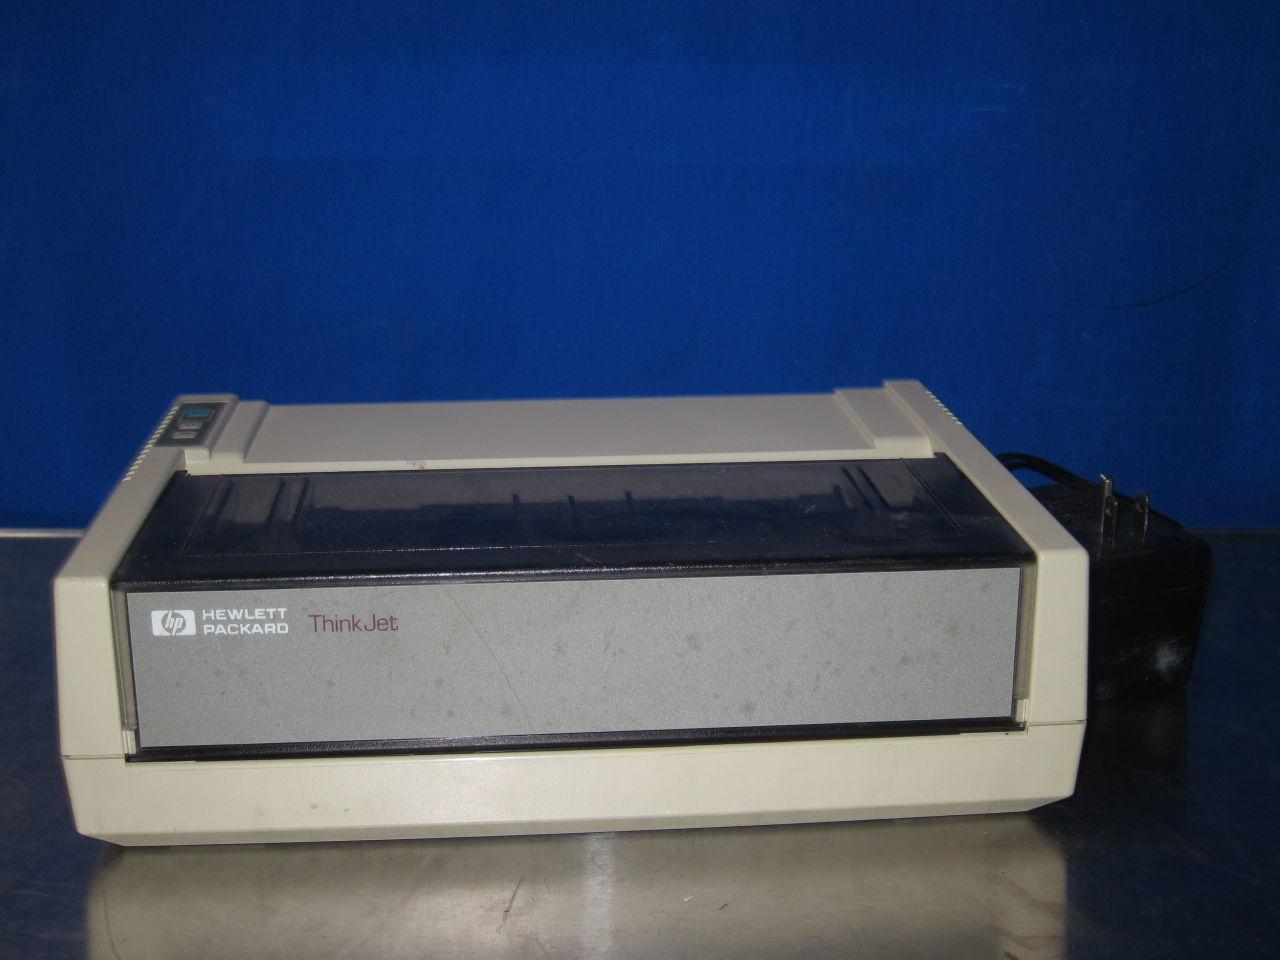 HEWLETT PACKARD 2225D Thinkjet Printer